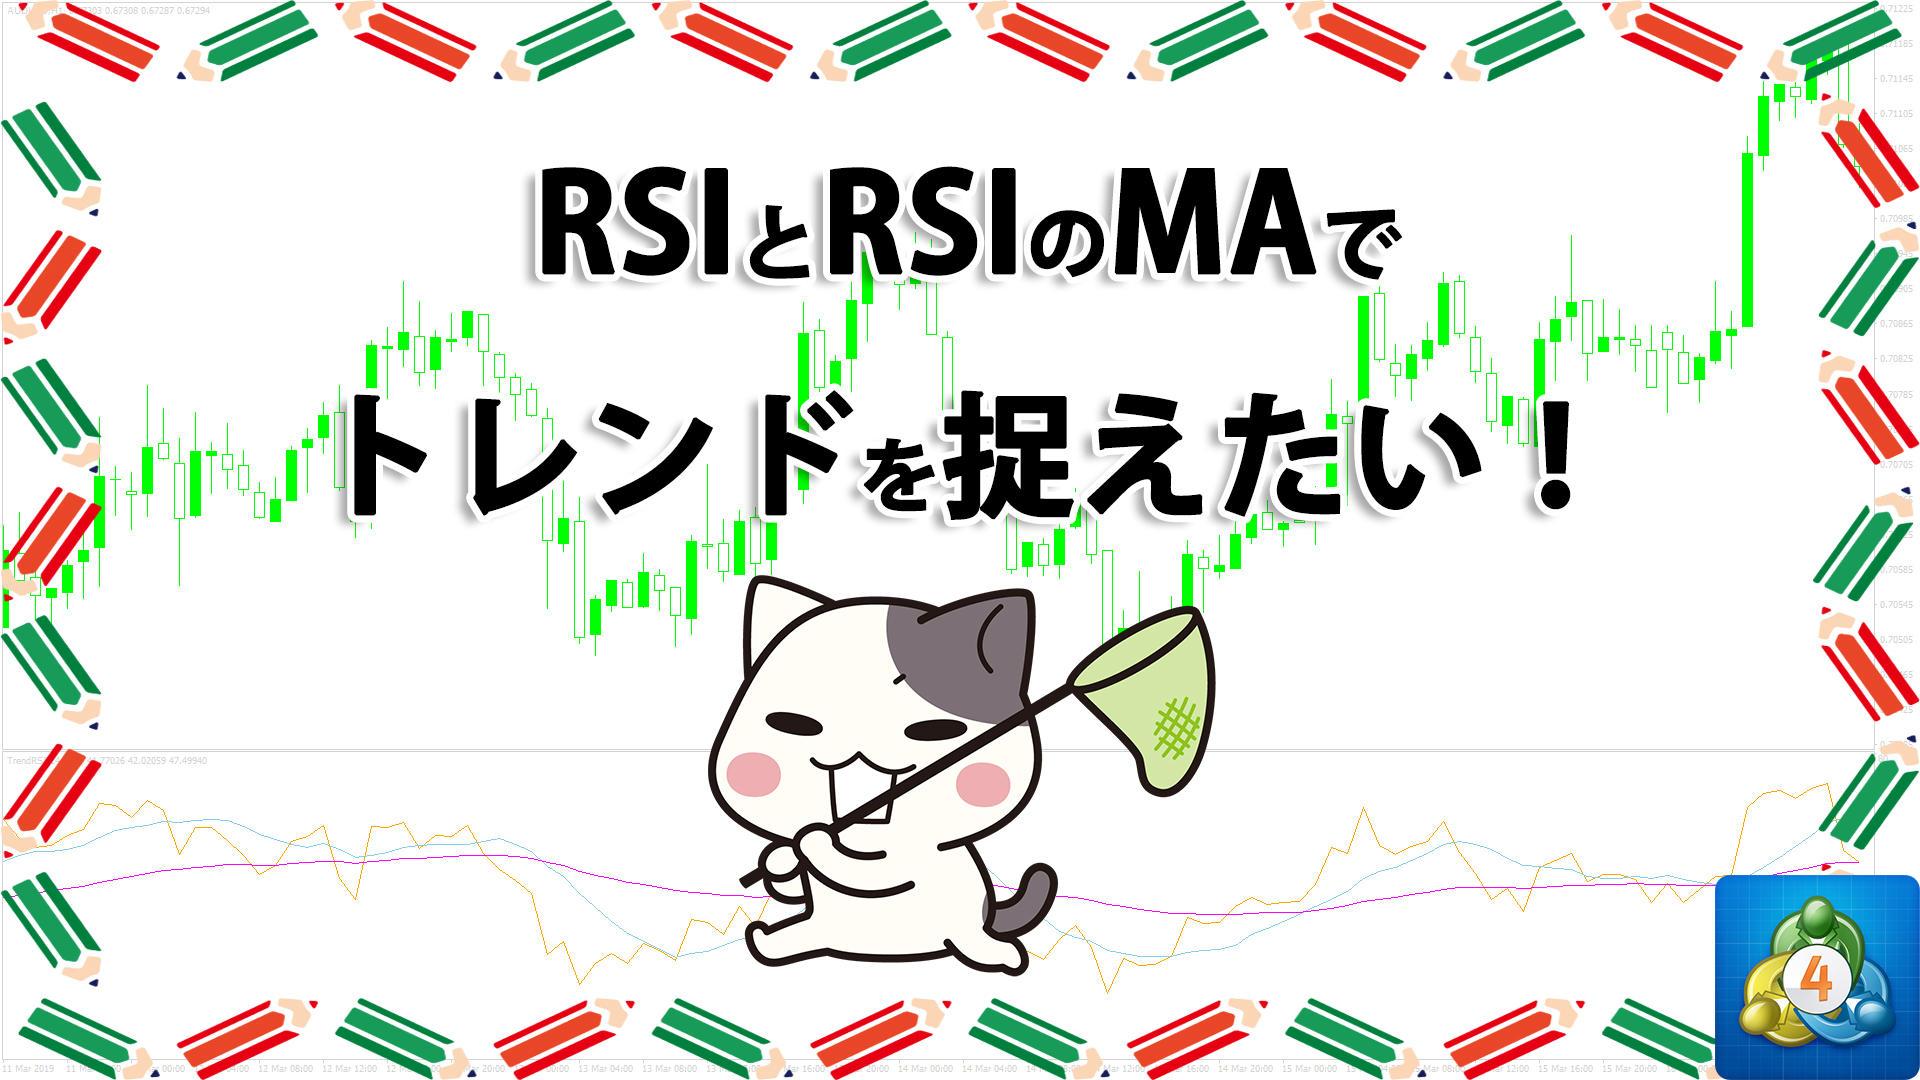 RSIとRSIの移動平均線でトレンドを捉えるMT4インジケーターを表示する「TrendRSI_v1」